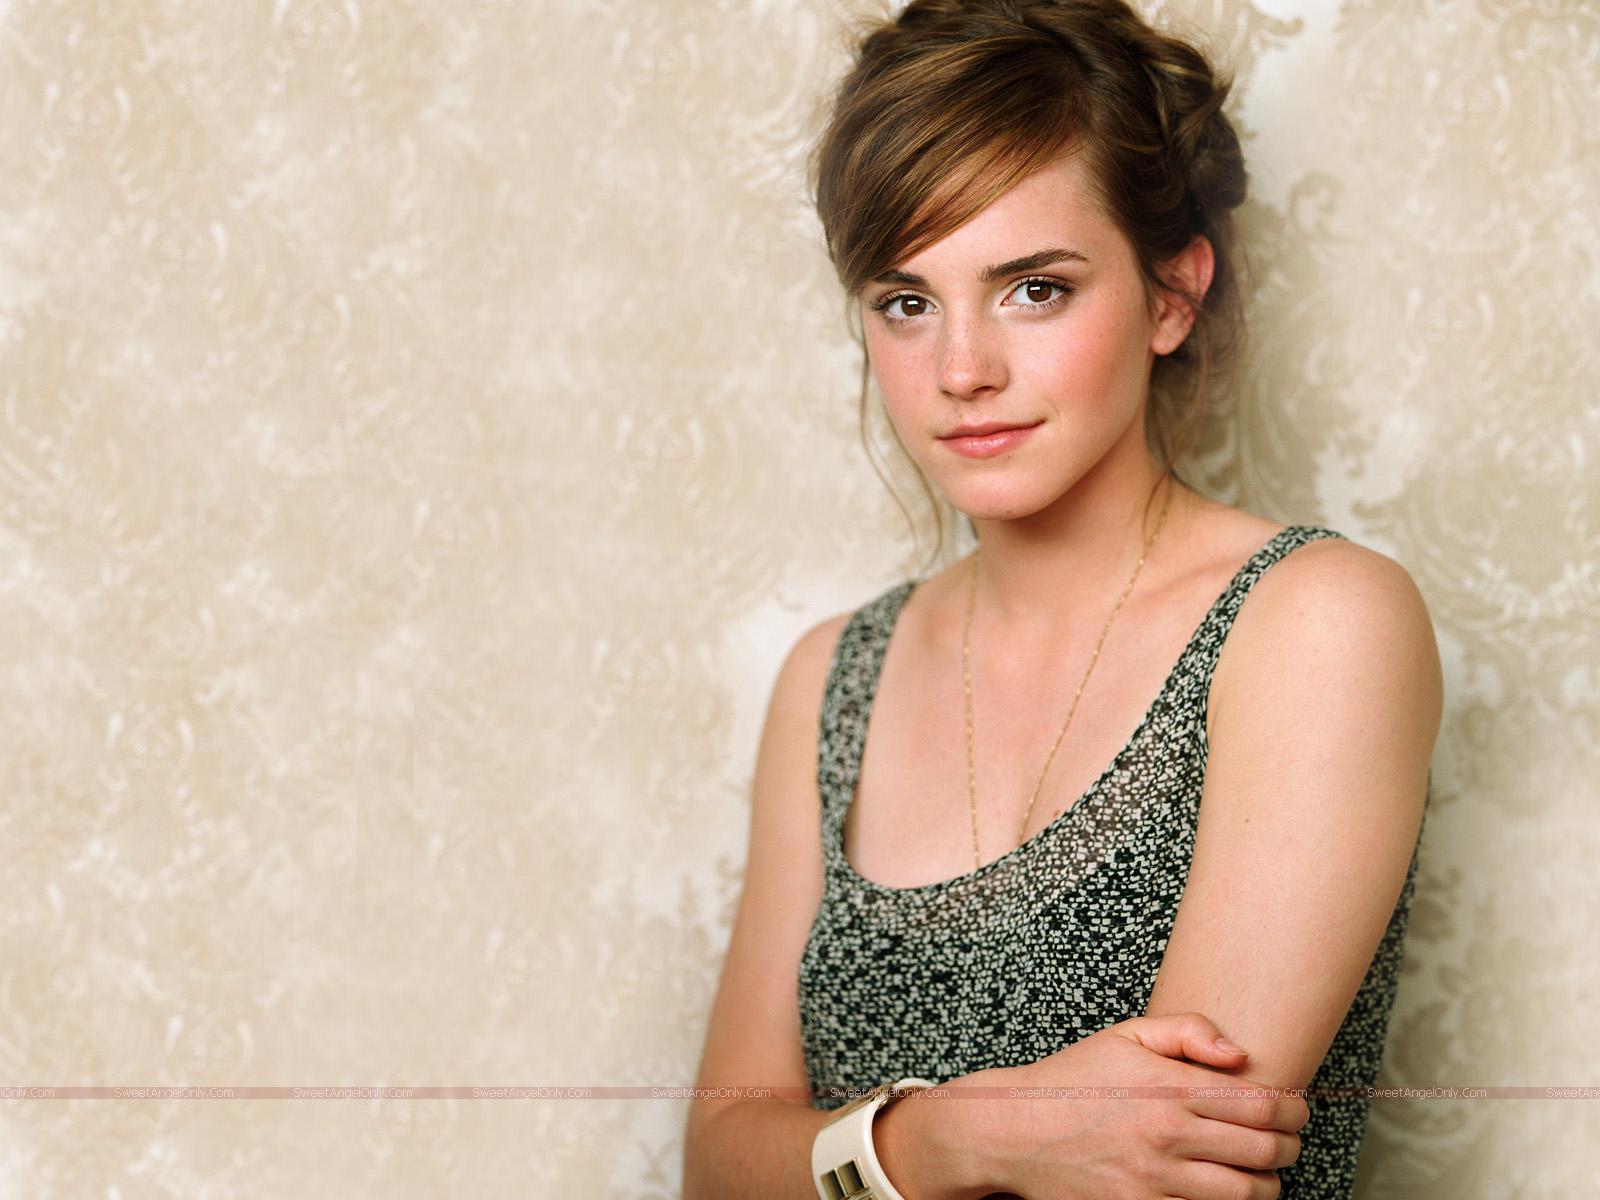 http://3.bp.blogspot.com/-swCBHZ64kMs/Tt2zzzAeLFI/AAAAAAAABEs/Q0pBYaxaI6U/s1600/Emma+Watson+Beautiful+wallpaper+2.jpg